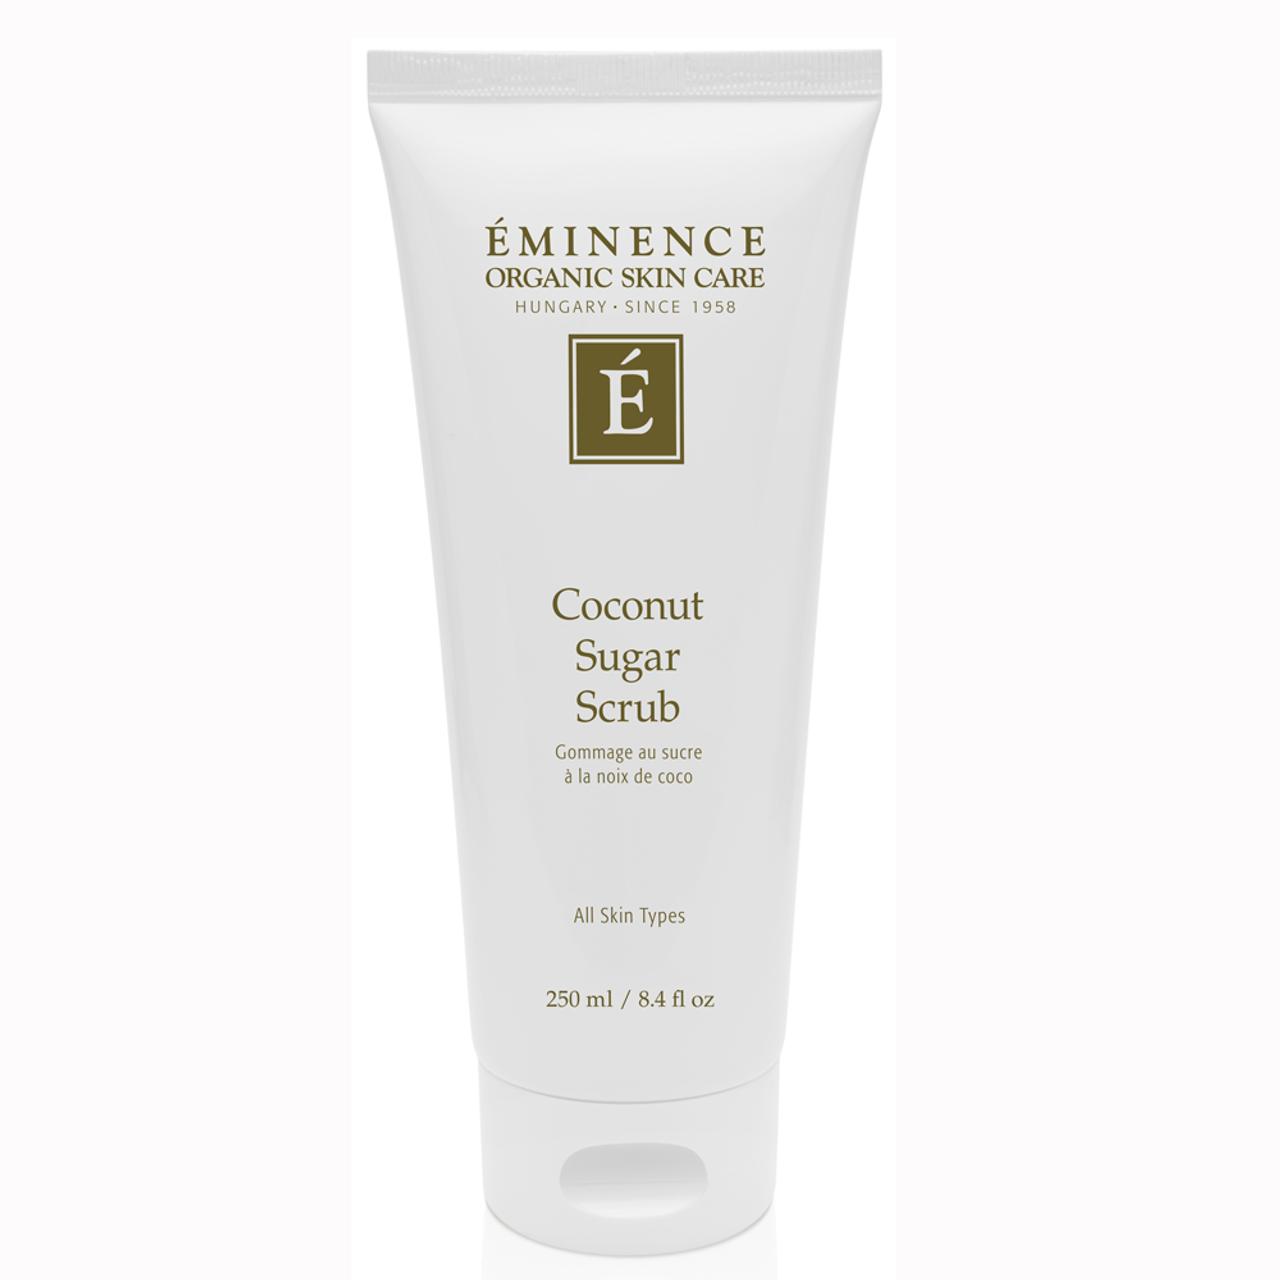 Eminence Coconut Sugar Scrub BeautifiedYou.com